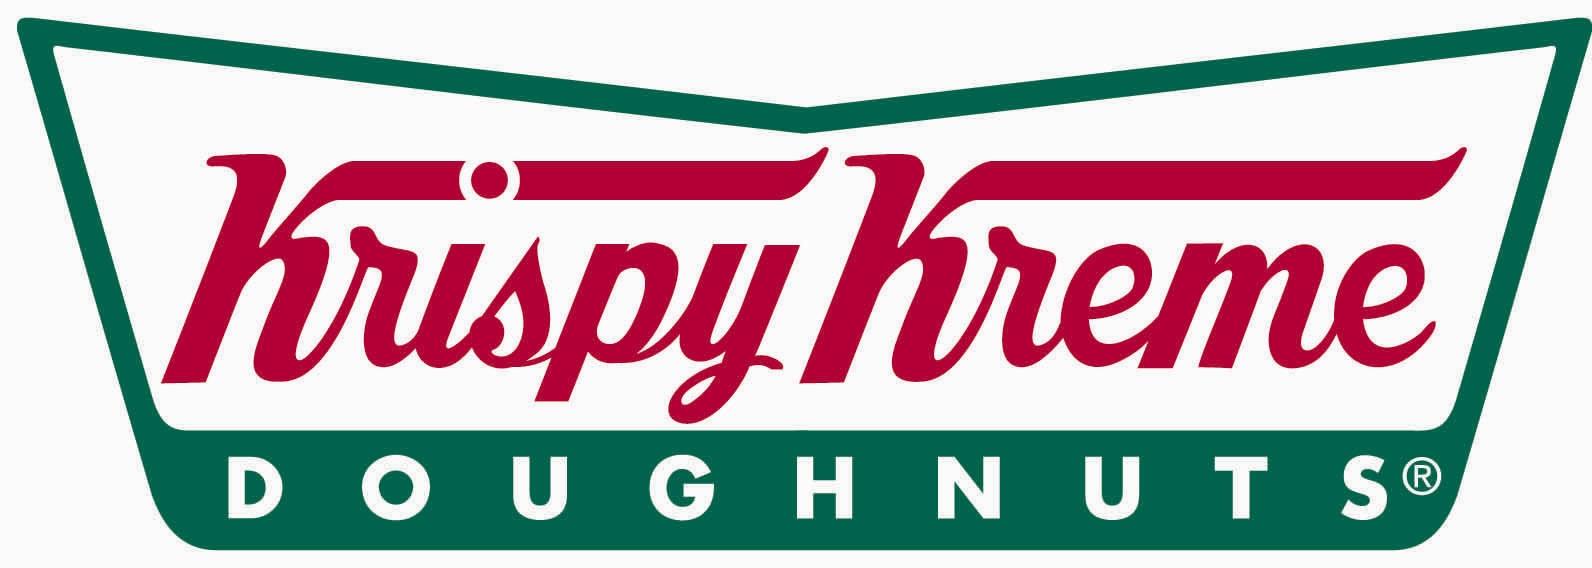 krispy-kreme-logo.jpg